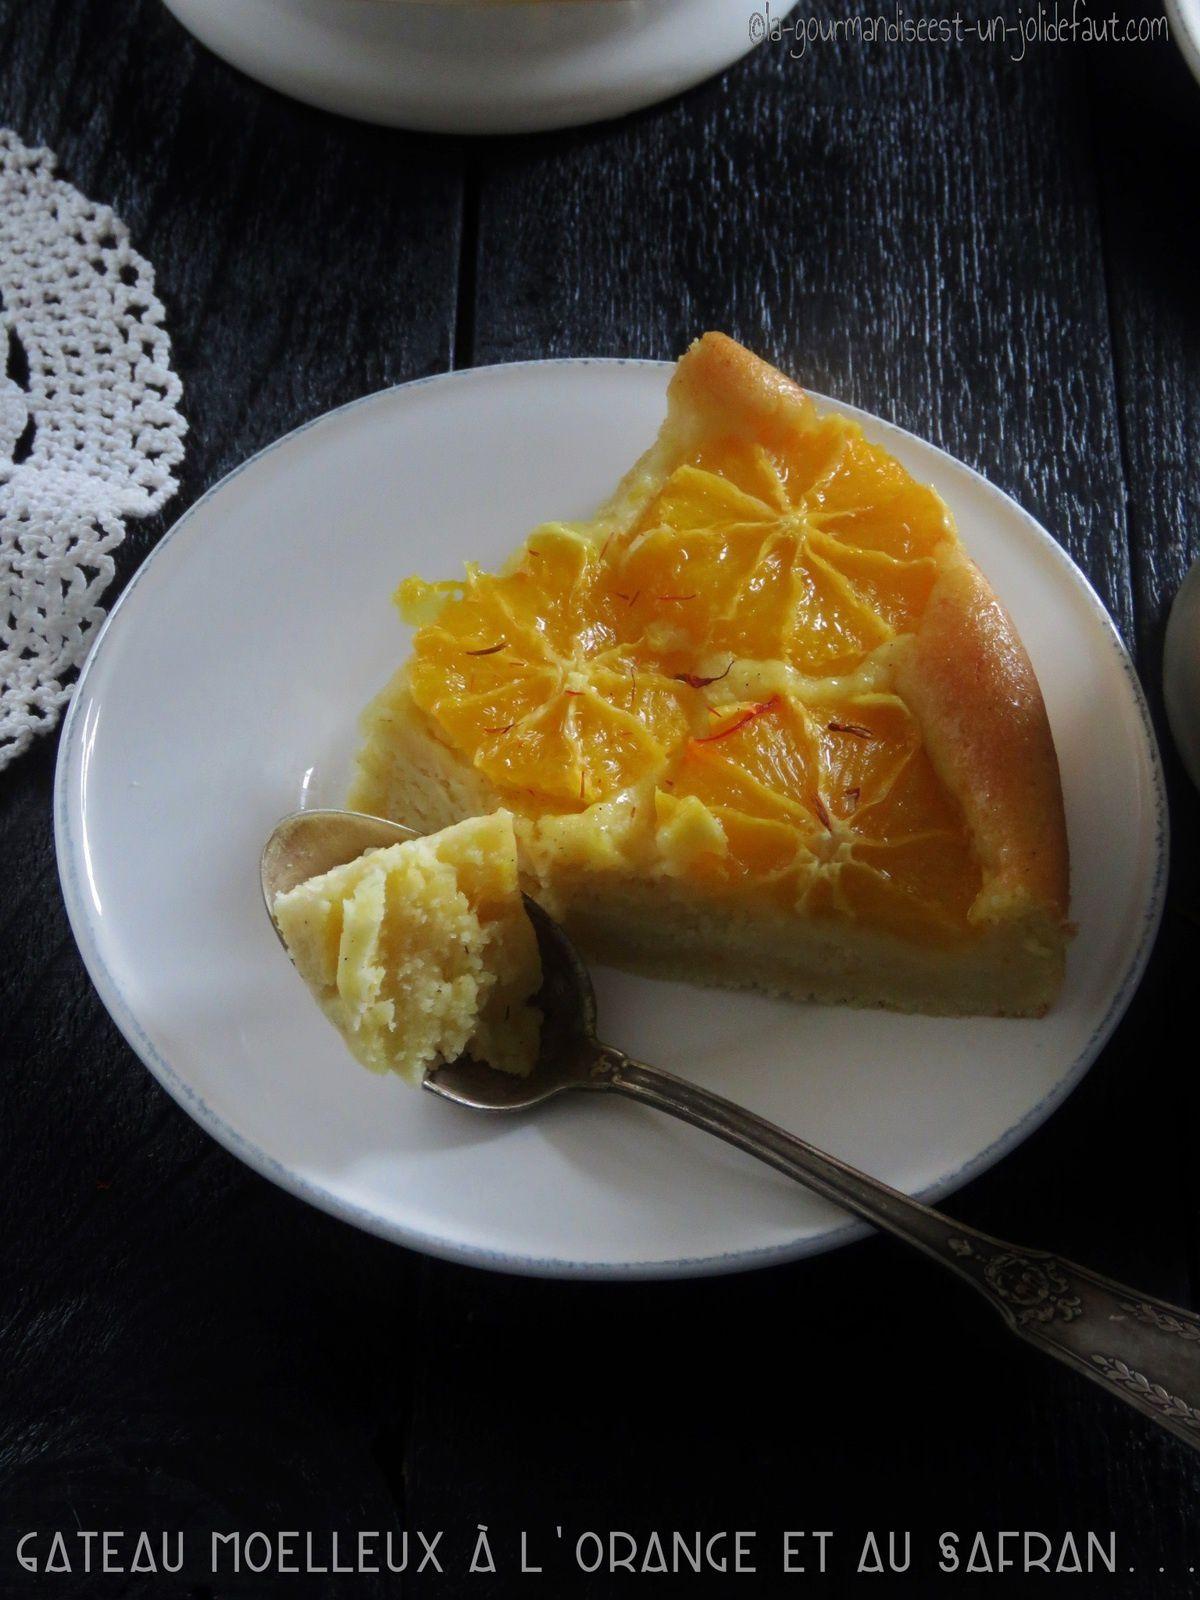 Gâteau moelleux au safran et aux oranges